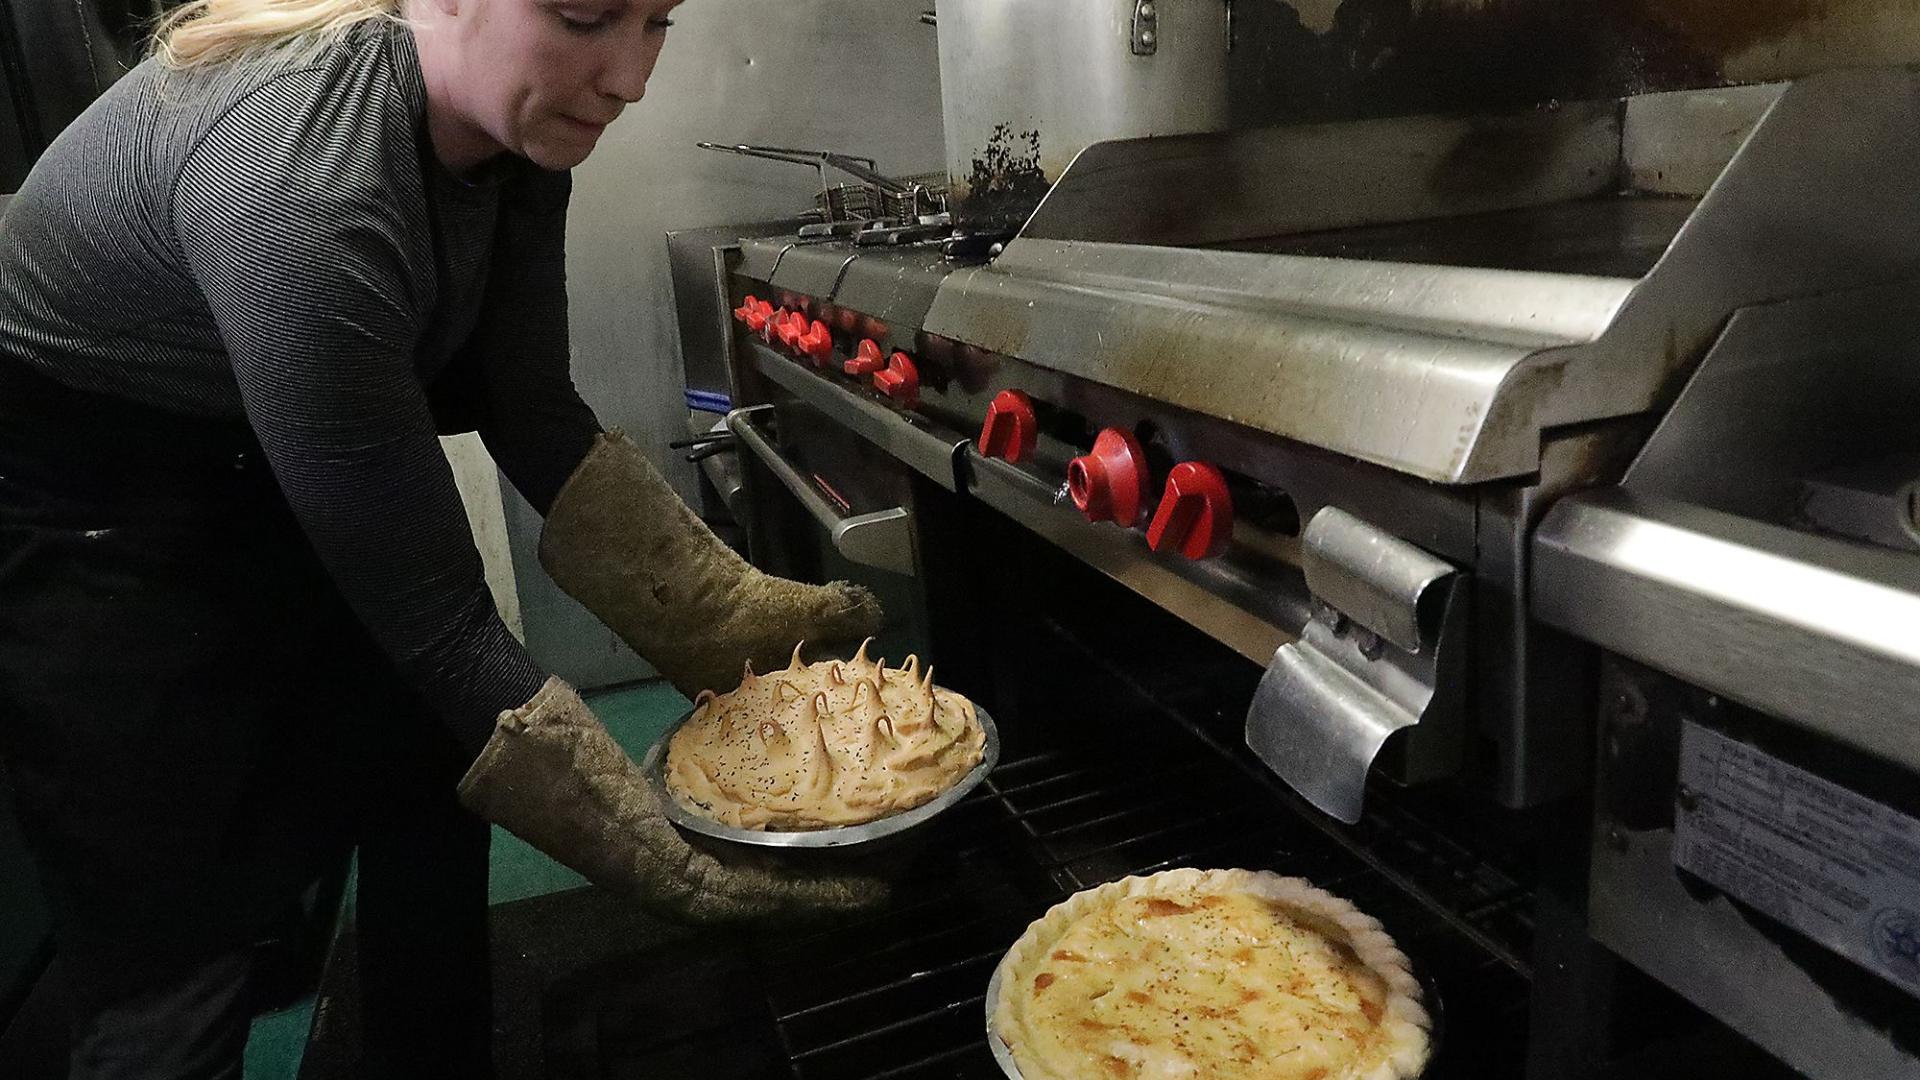 Coronavirus Community Rallies Around Champaign County Restaurant